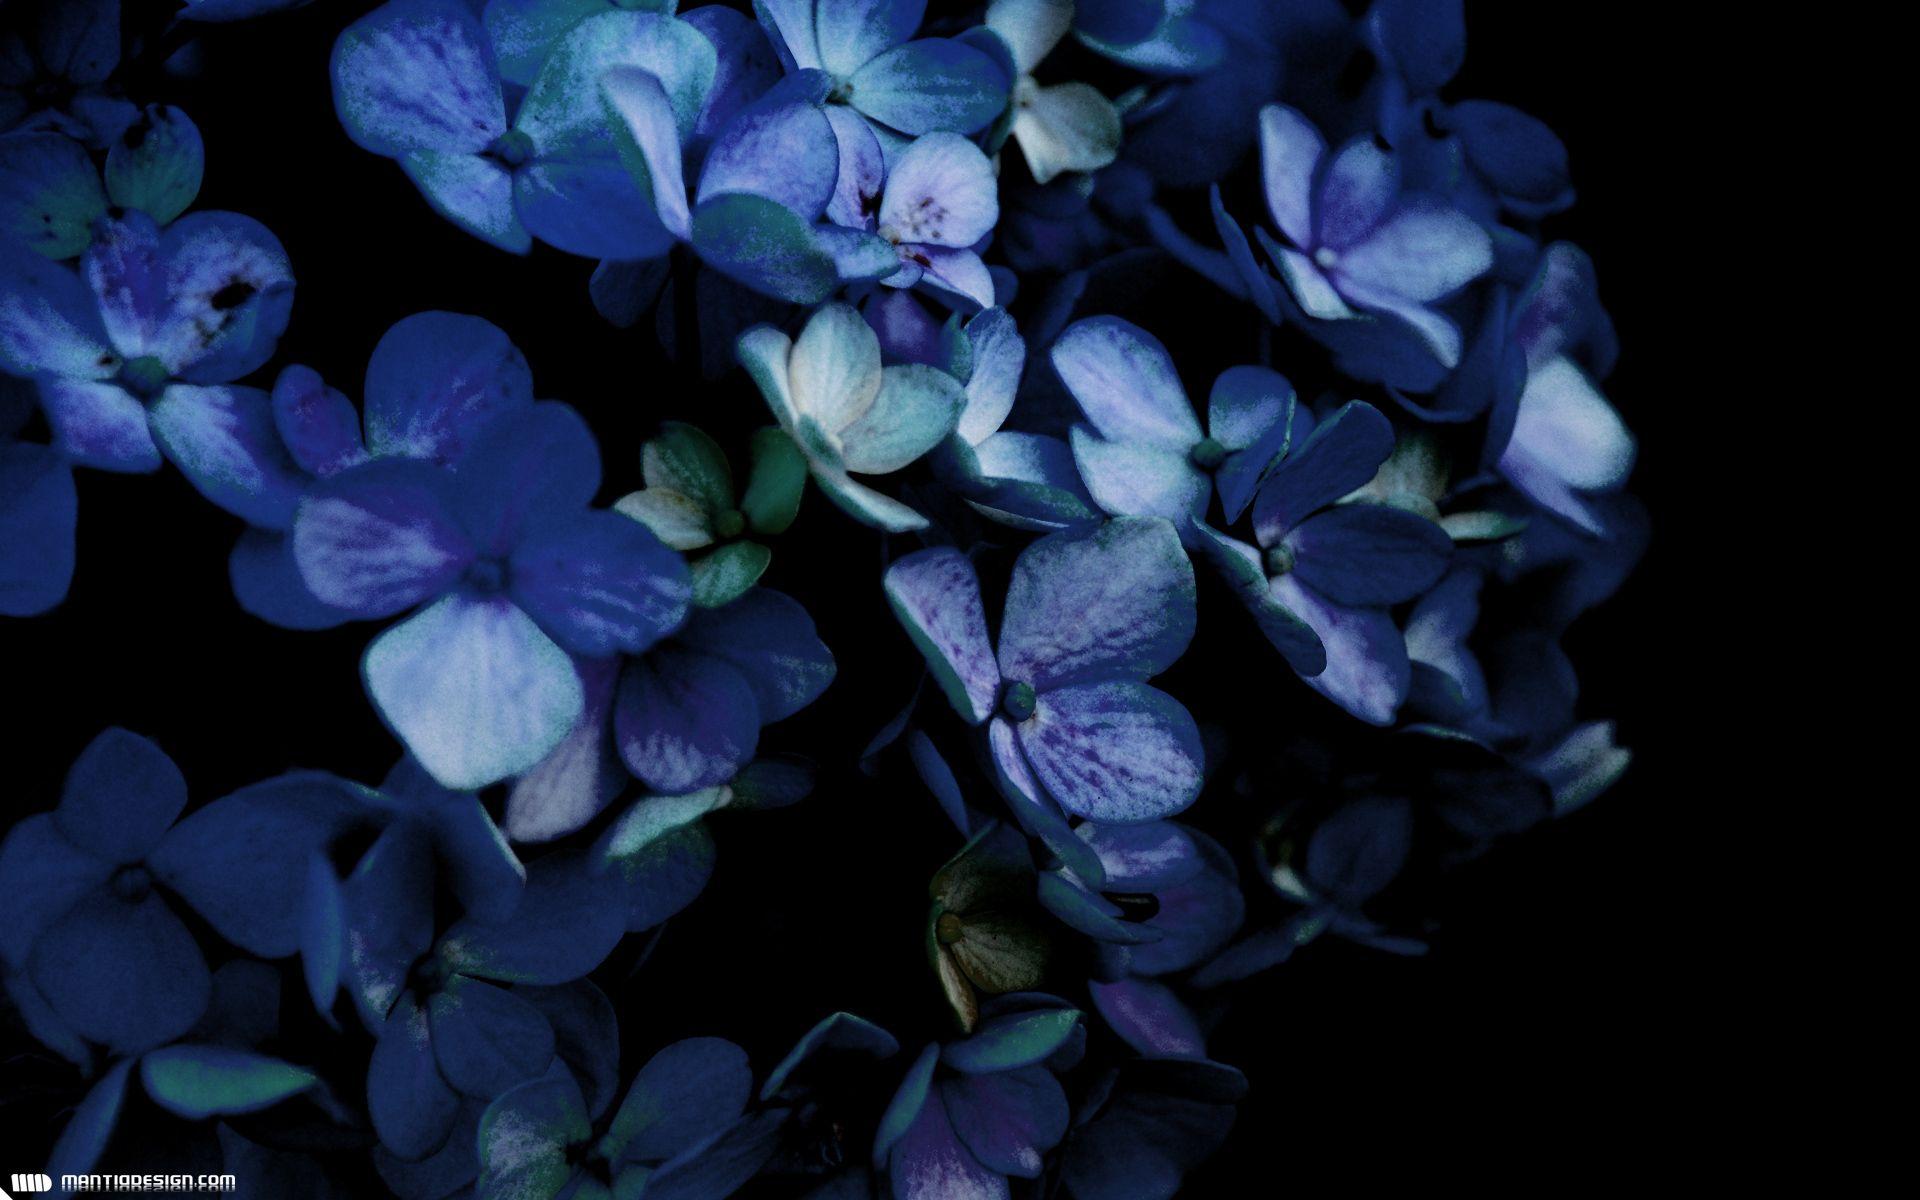 картинки синие цветы обои на телефон смотря что данная